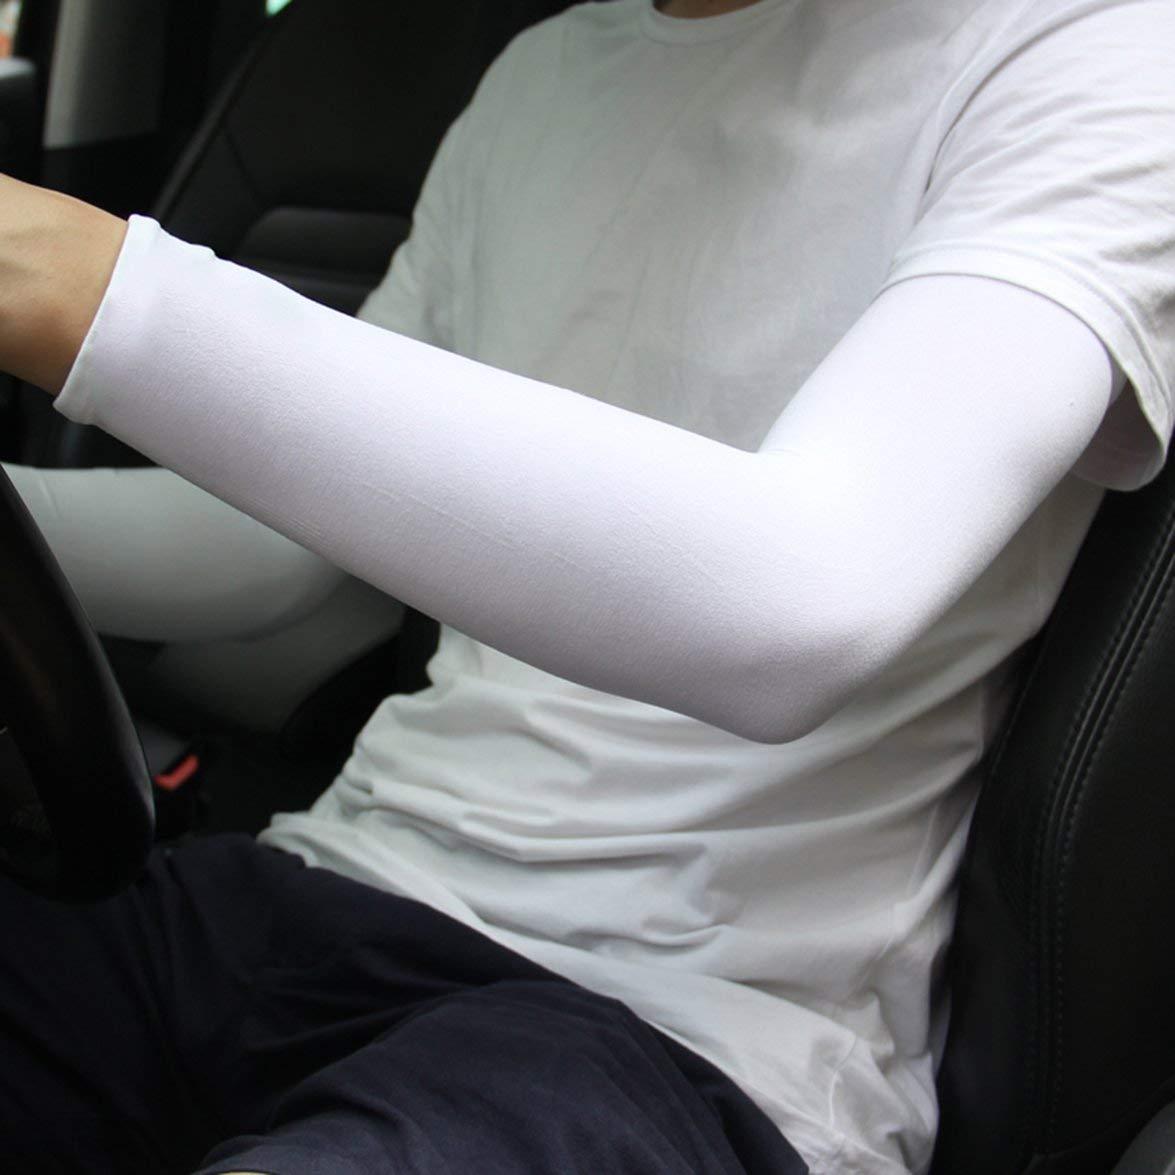 Manchon de Bras de Refroidissement en Nylon Banbie Spandex Couvre-Bras descalade ext/érieur de Protection Solaire Anti-UV